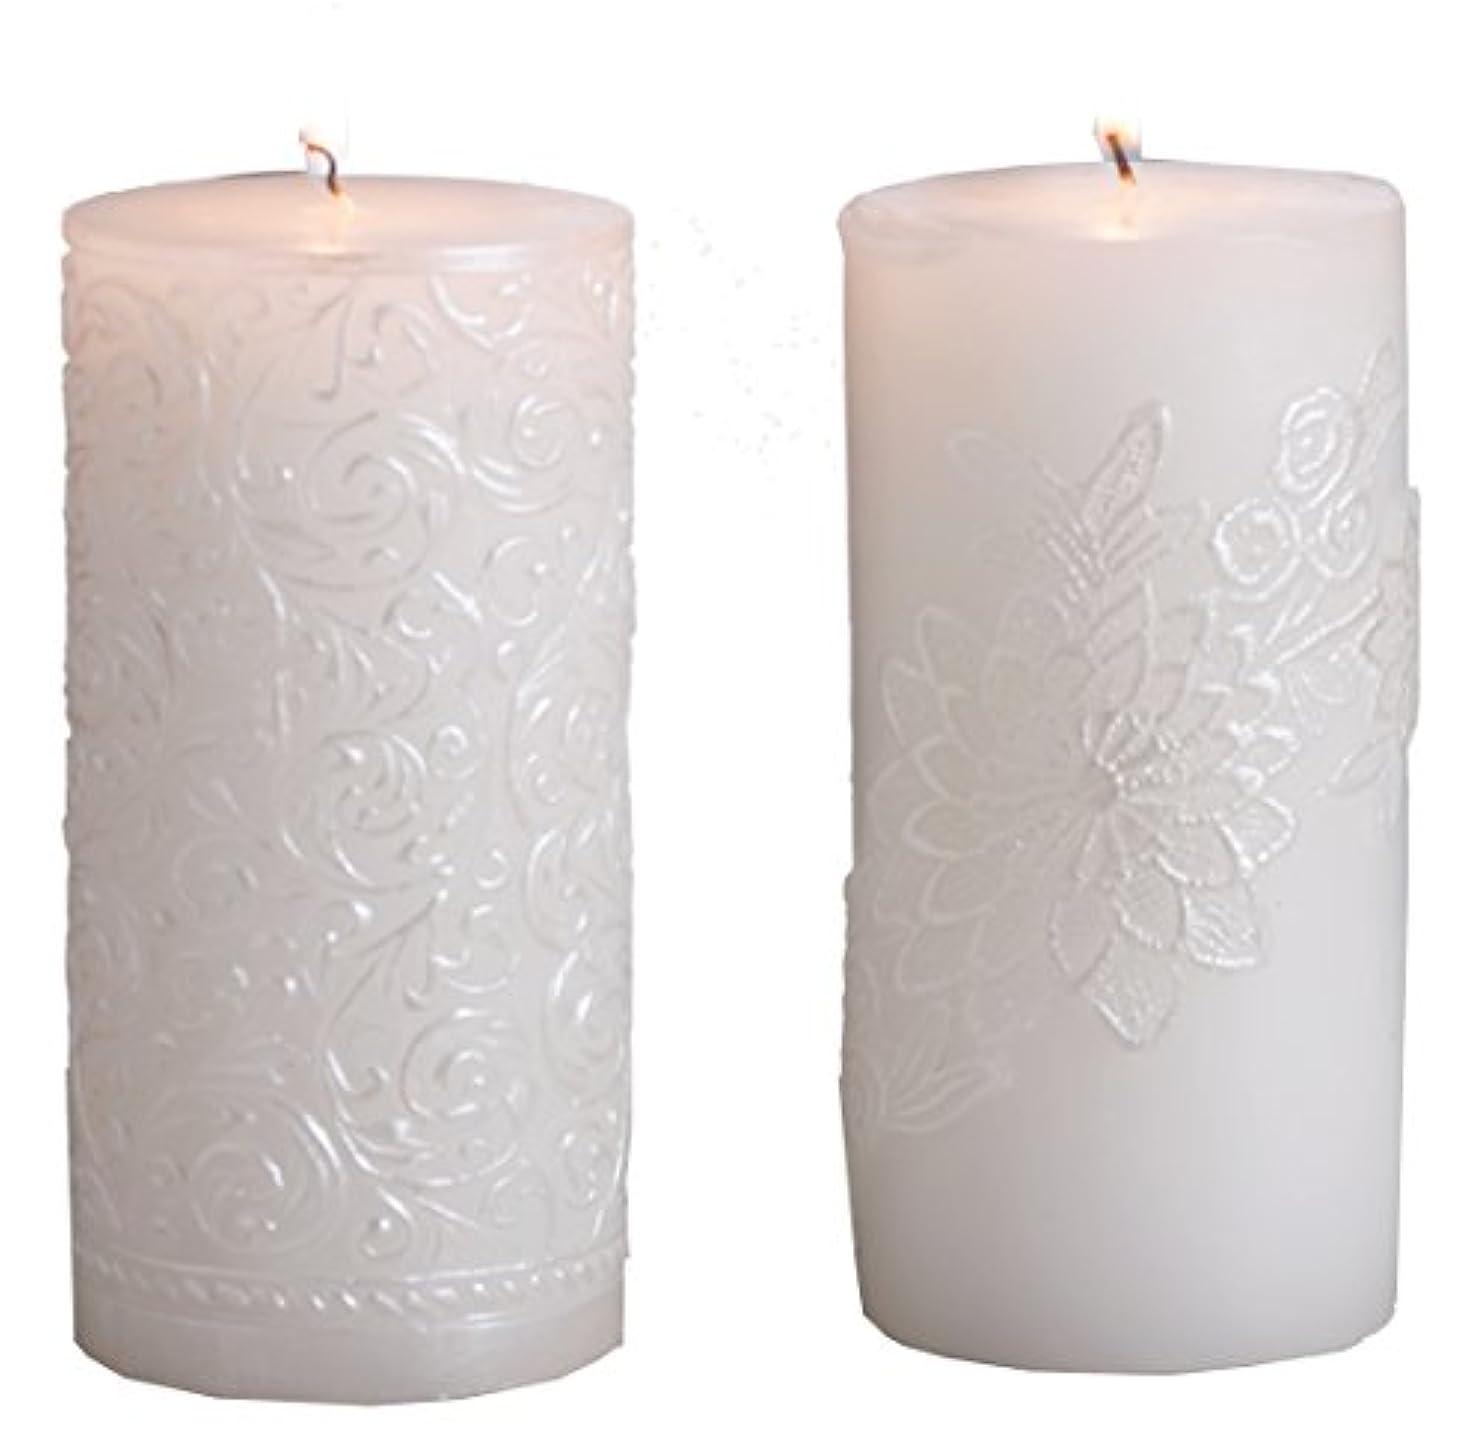 見習い他に研究(Gold Brushed) - Biedermann & Sons White Pearl Pillar Candle, 7.6cm by 23cm, Gold Brushed